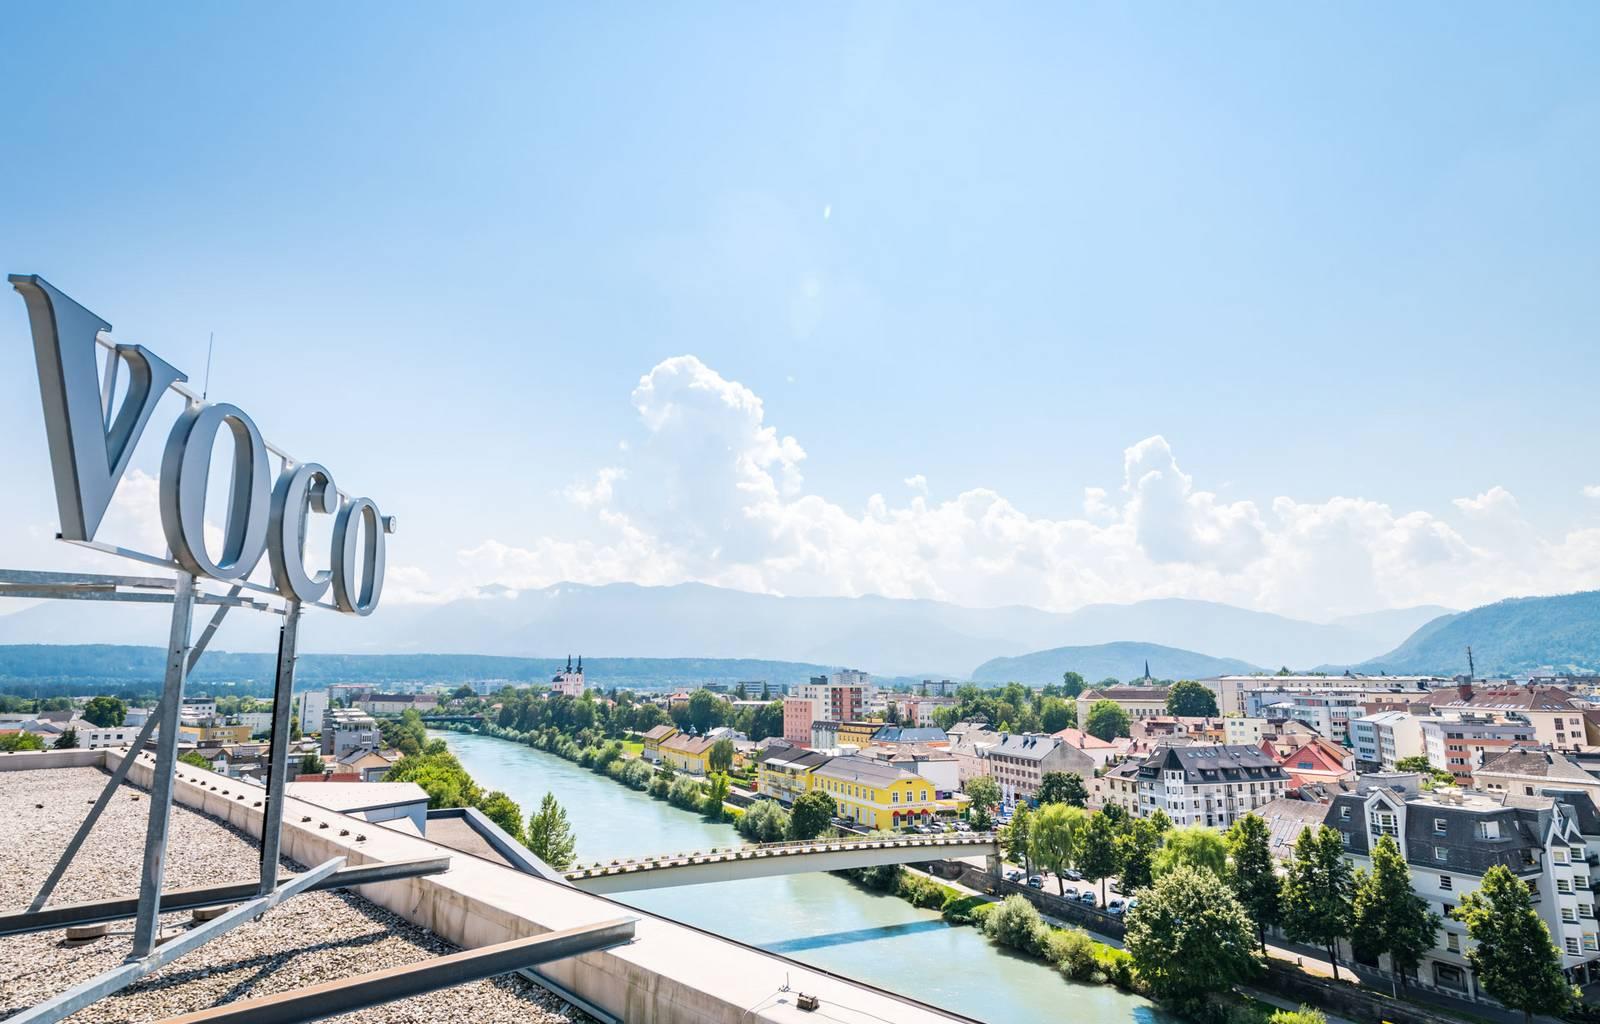 Voco Villach Panorama